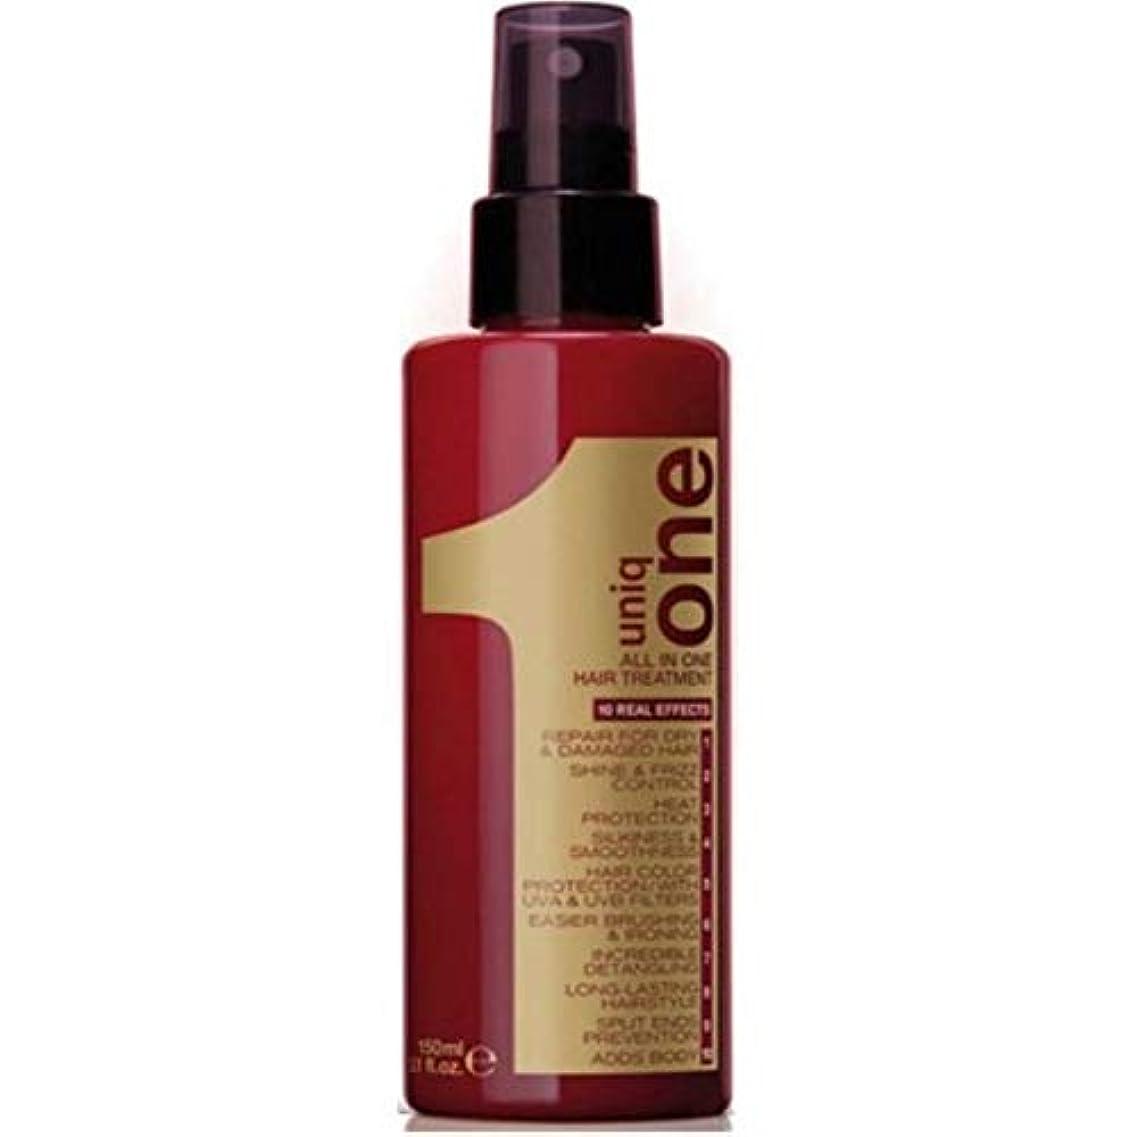 遺棄された確立します取得Uniq One Revlon All In One Hair Treatment 5.1Oz. - New Original by Uniq One by Uniq One